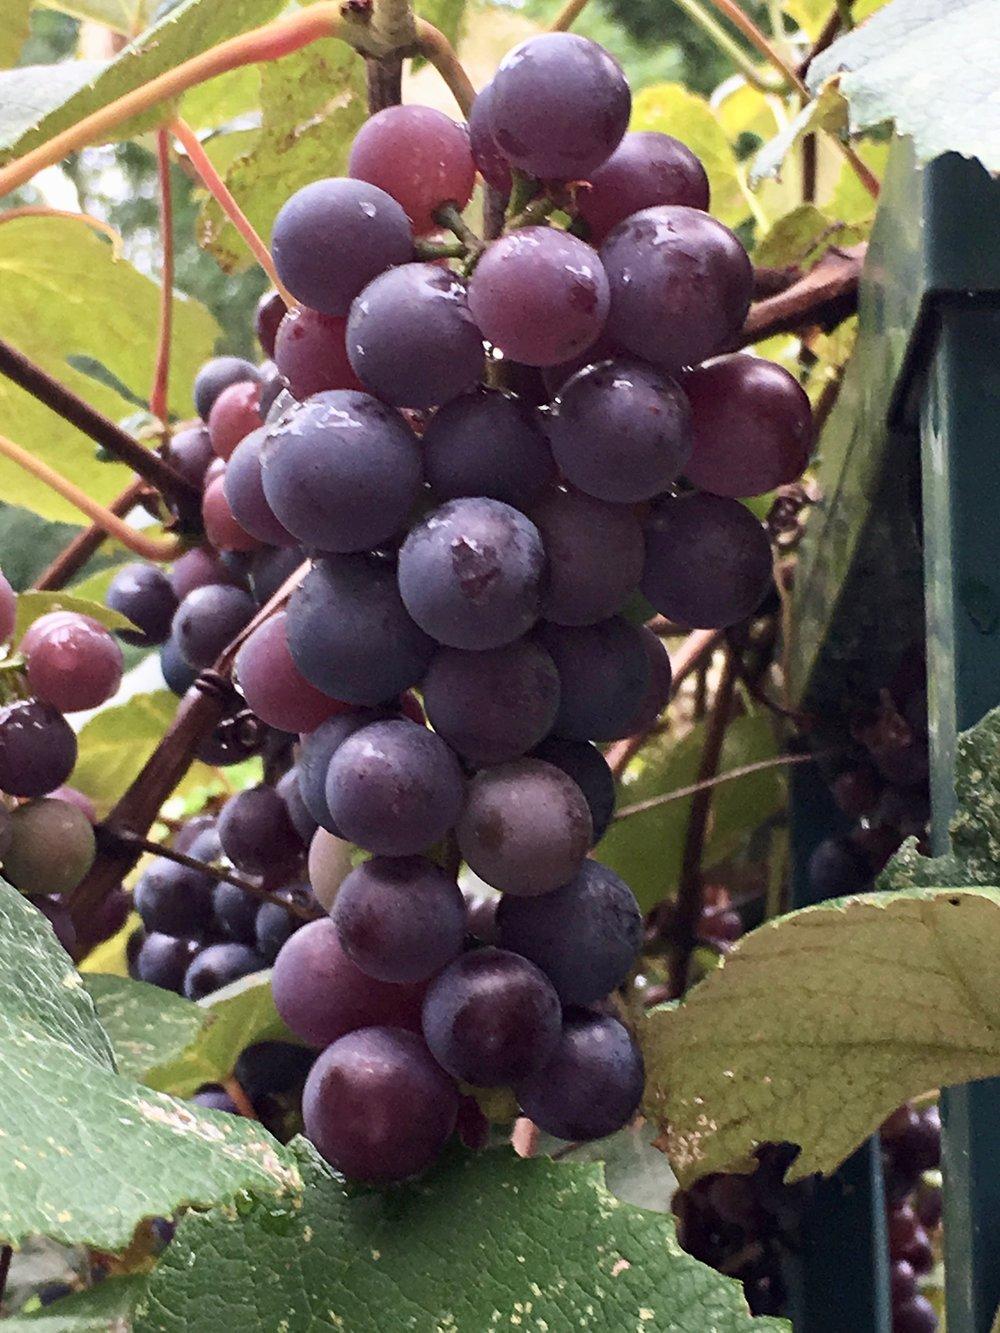 garden grapes on the vine.jpg